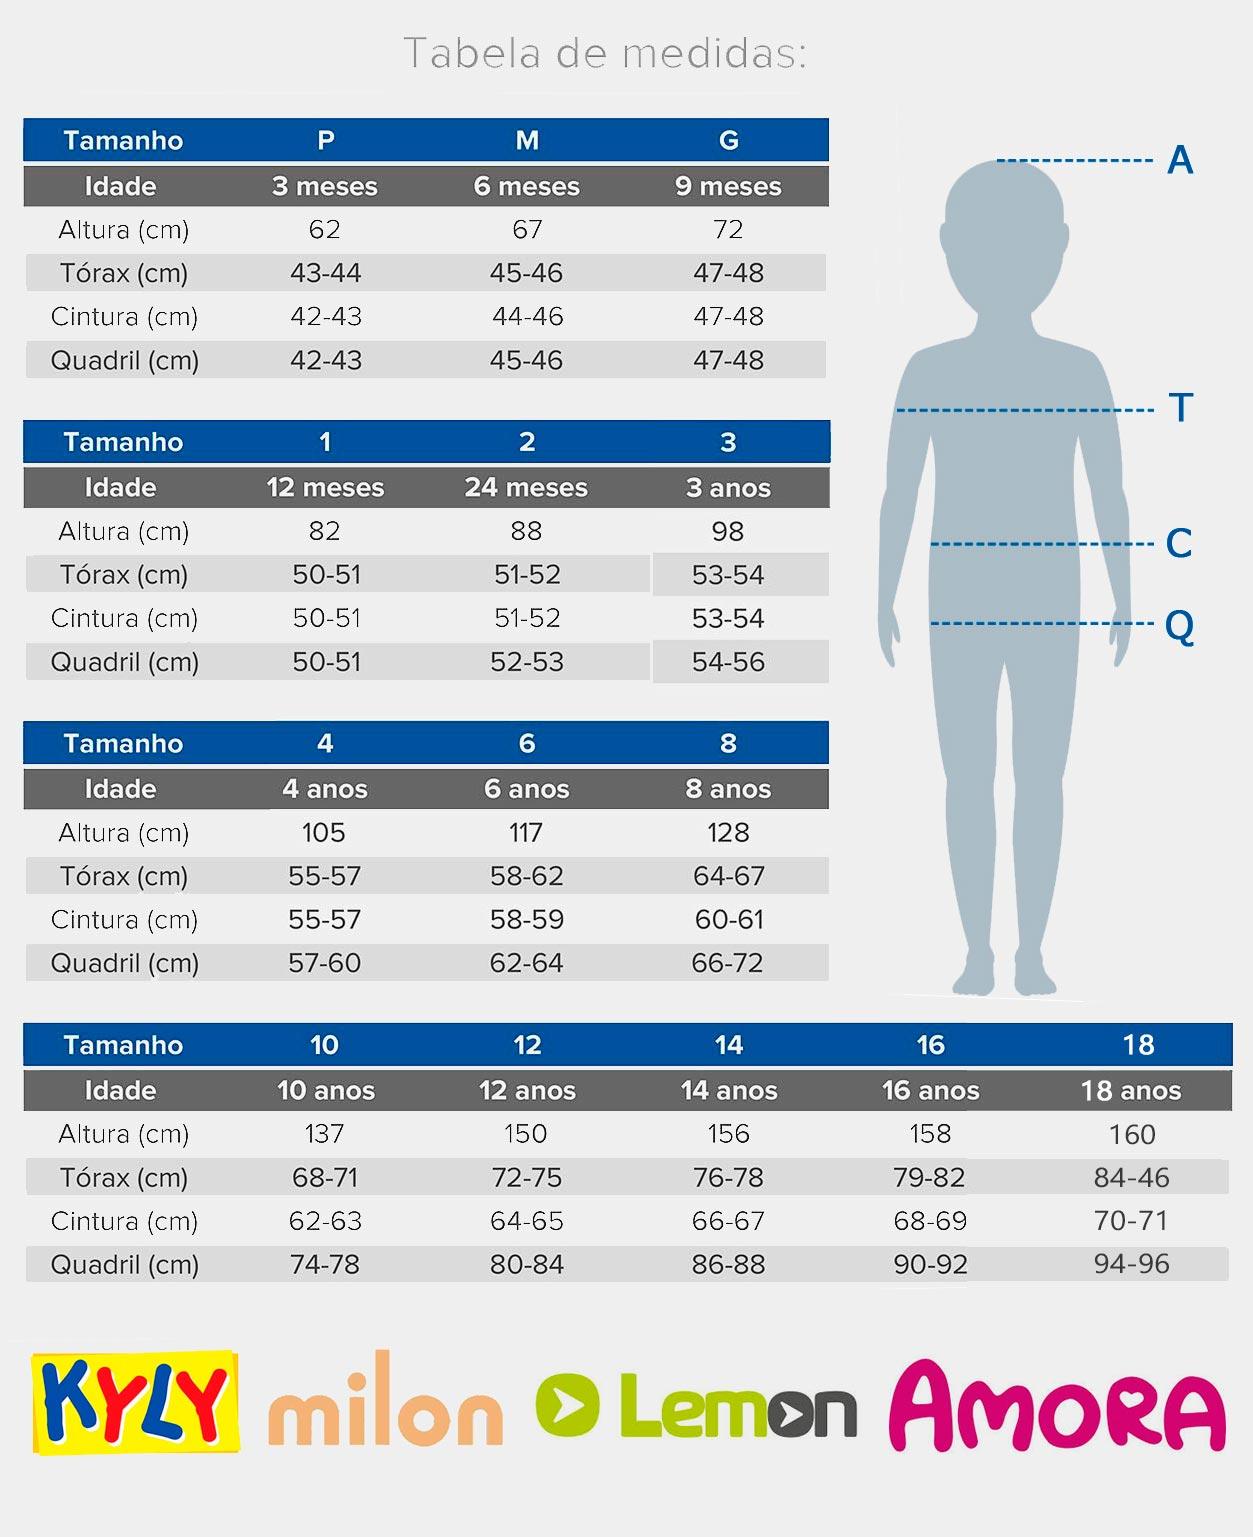 Pijama Infantil Feminino Inverno Mescla Fada Kyly: Tabela de medidas